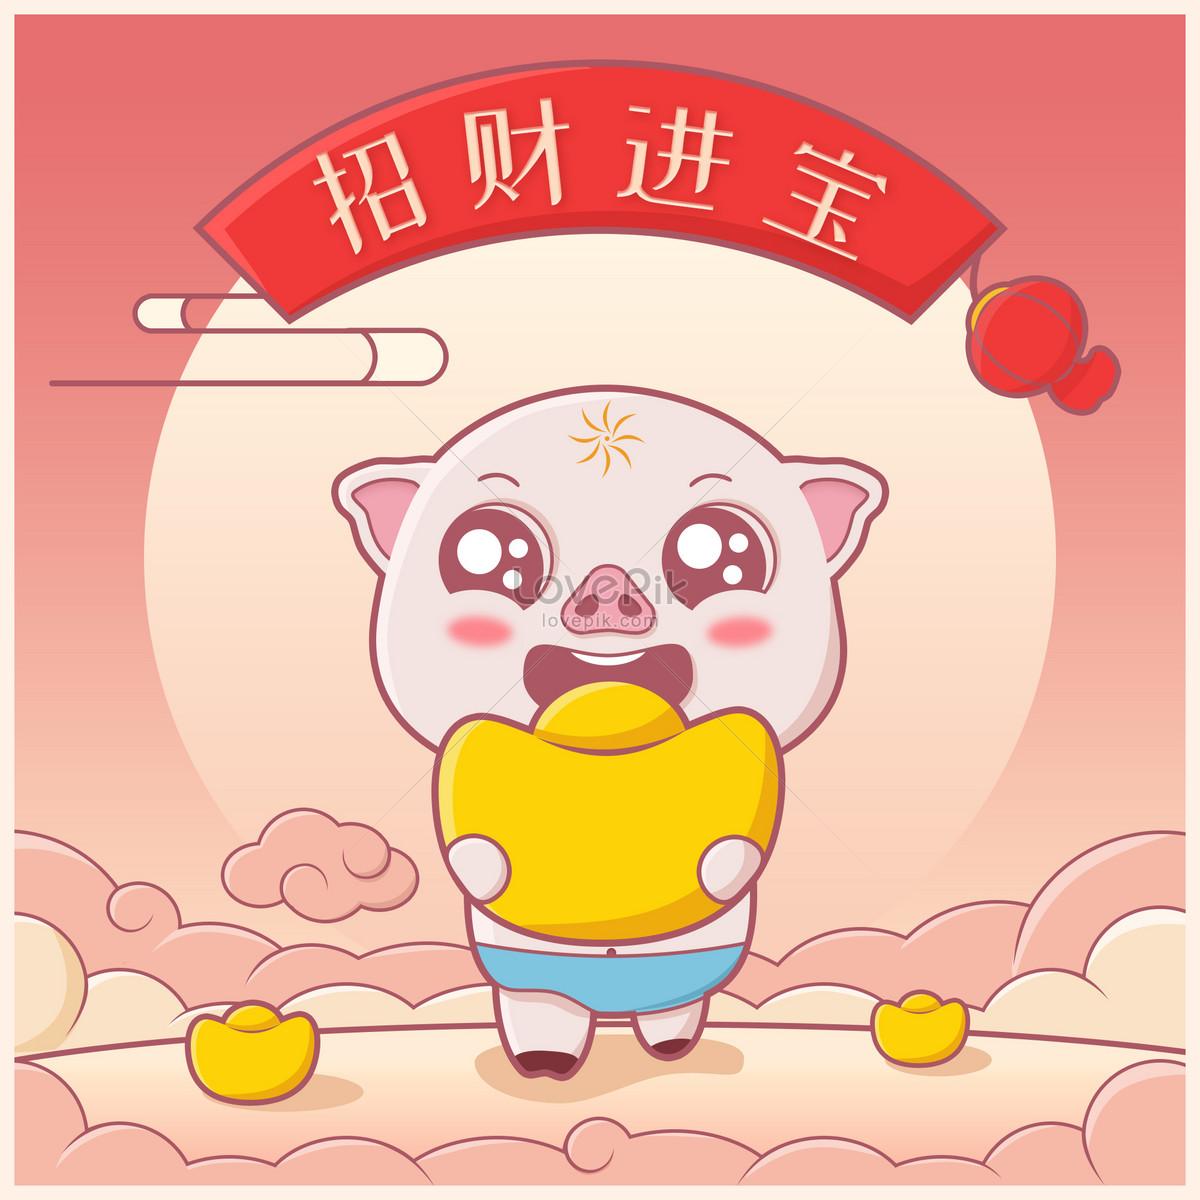 过年 猪年 表情包 生肖 新年 卡通 拜年 招财进宝 手绘 年夜饭 小猪